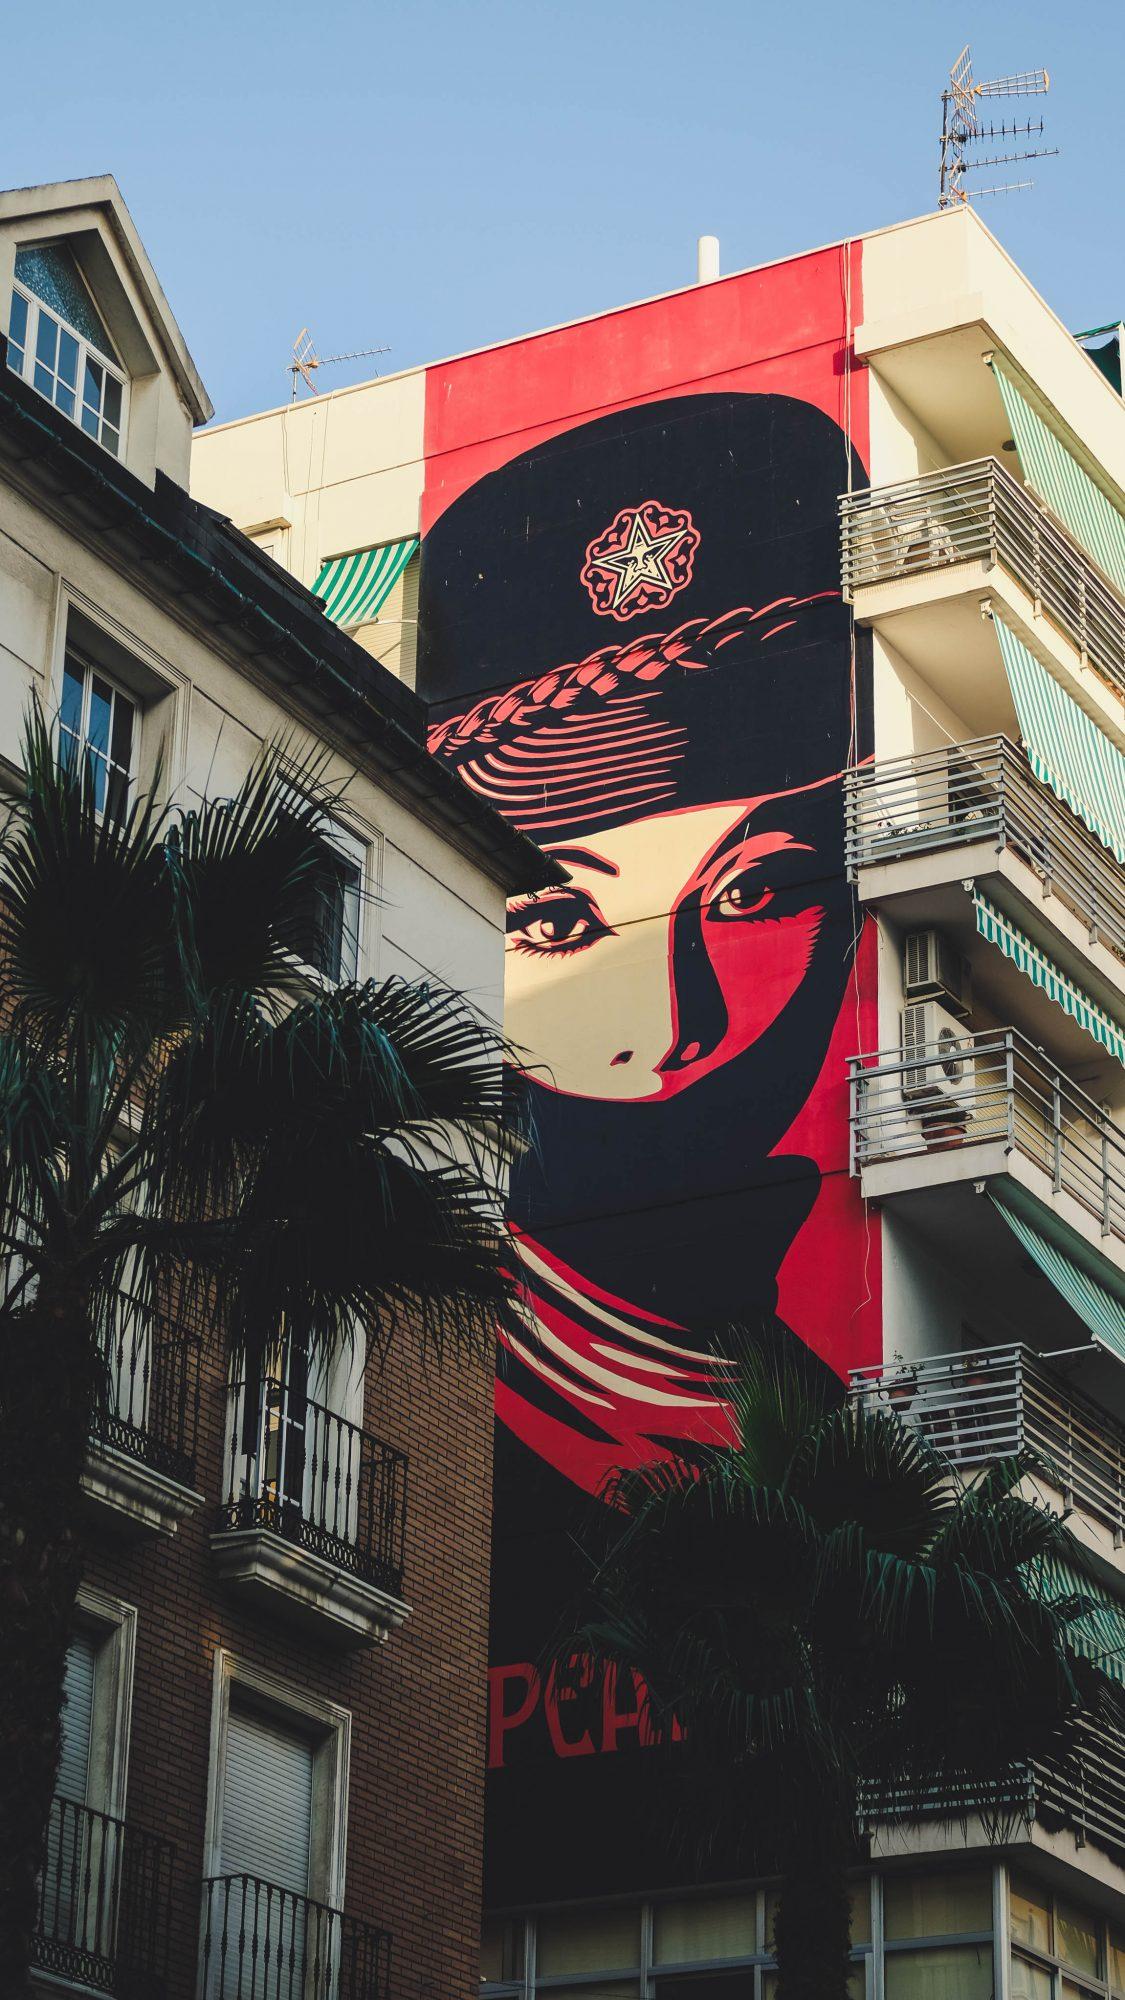 Obey sur rue - Malaga, Espagne